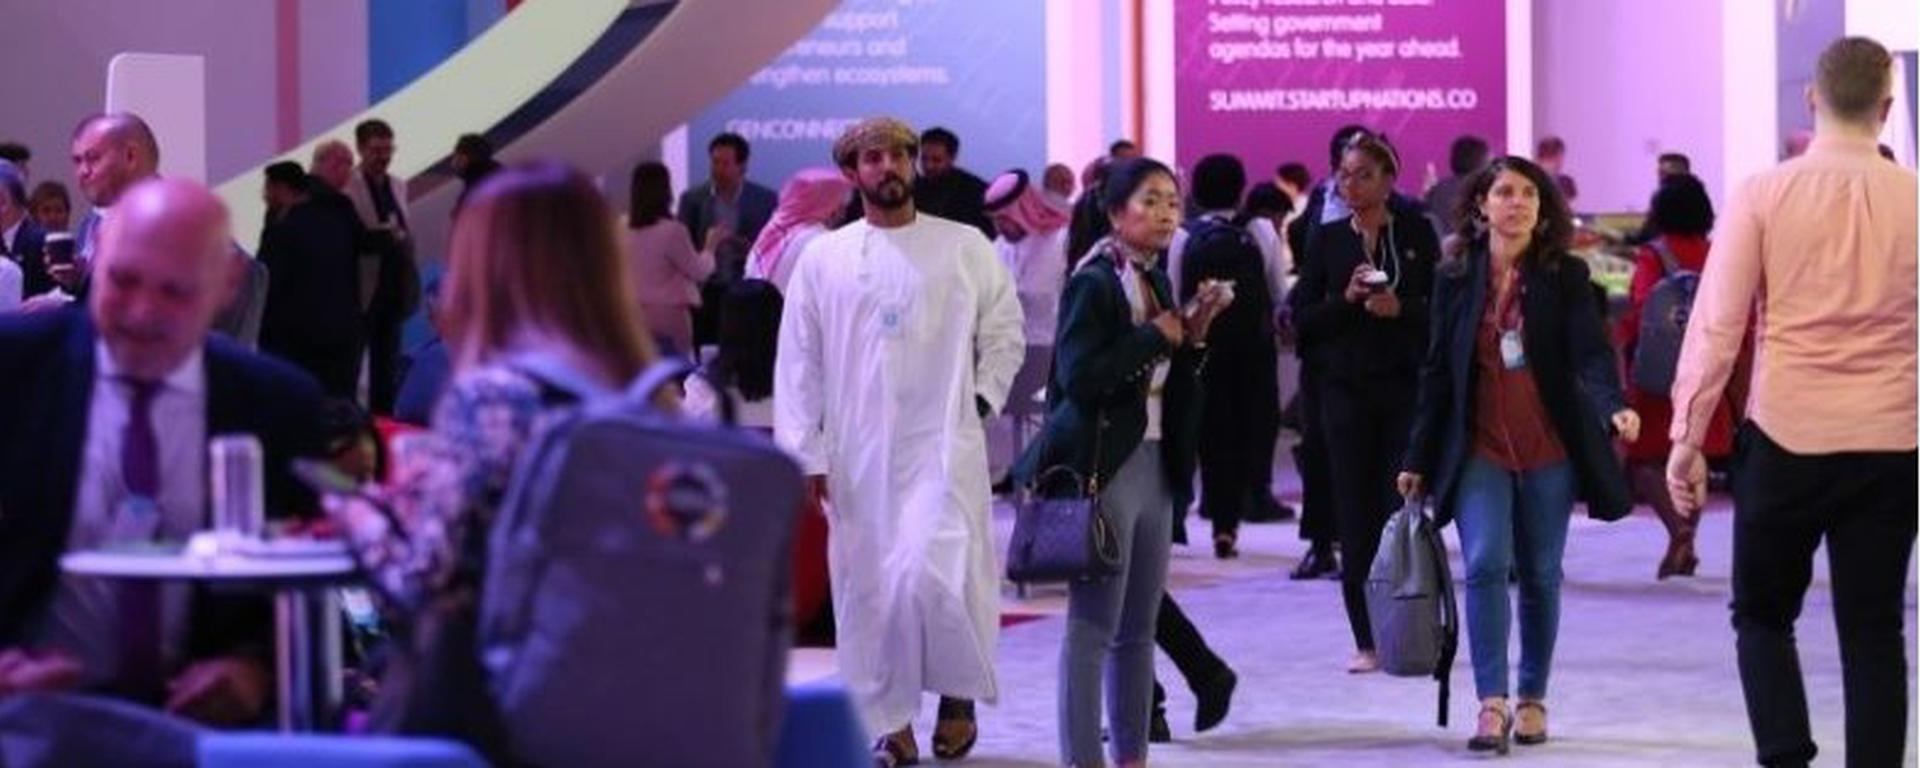 Global Entrepreneurship Network - The Global Entrepreneurship Congress 2021 Movemeback African event cover image